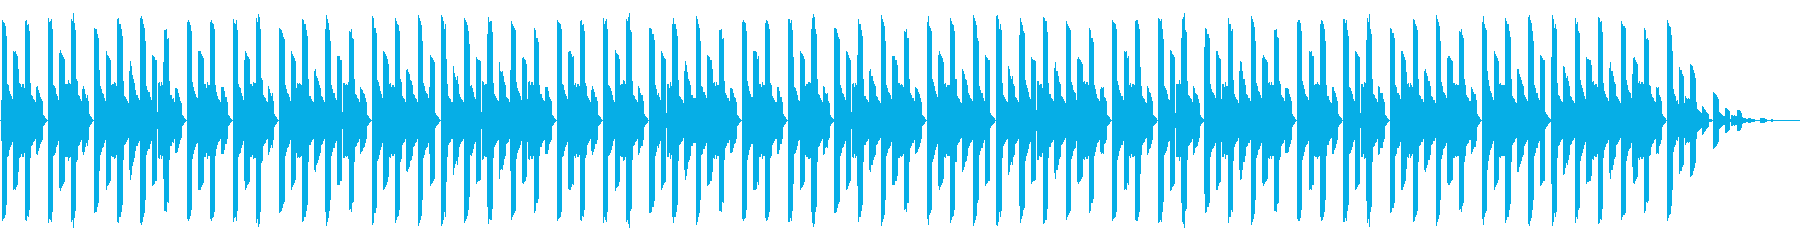 NES RPG A04-1(フィールド)の再生済みの波形